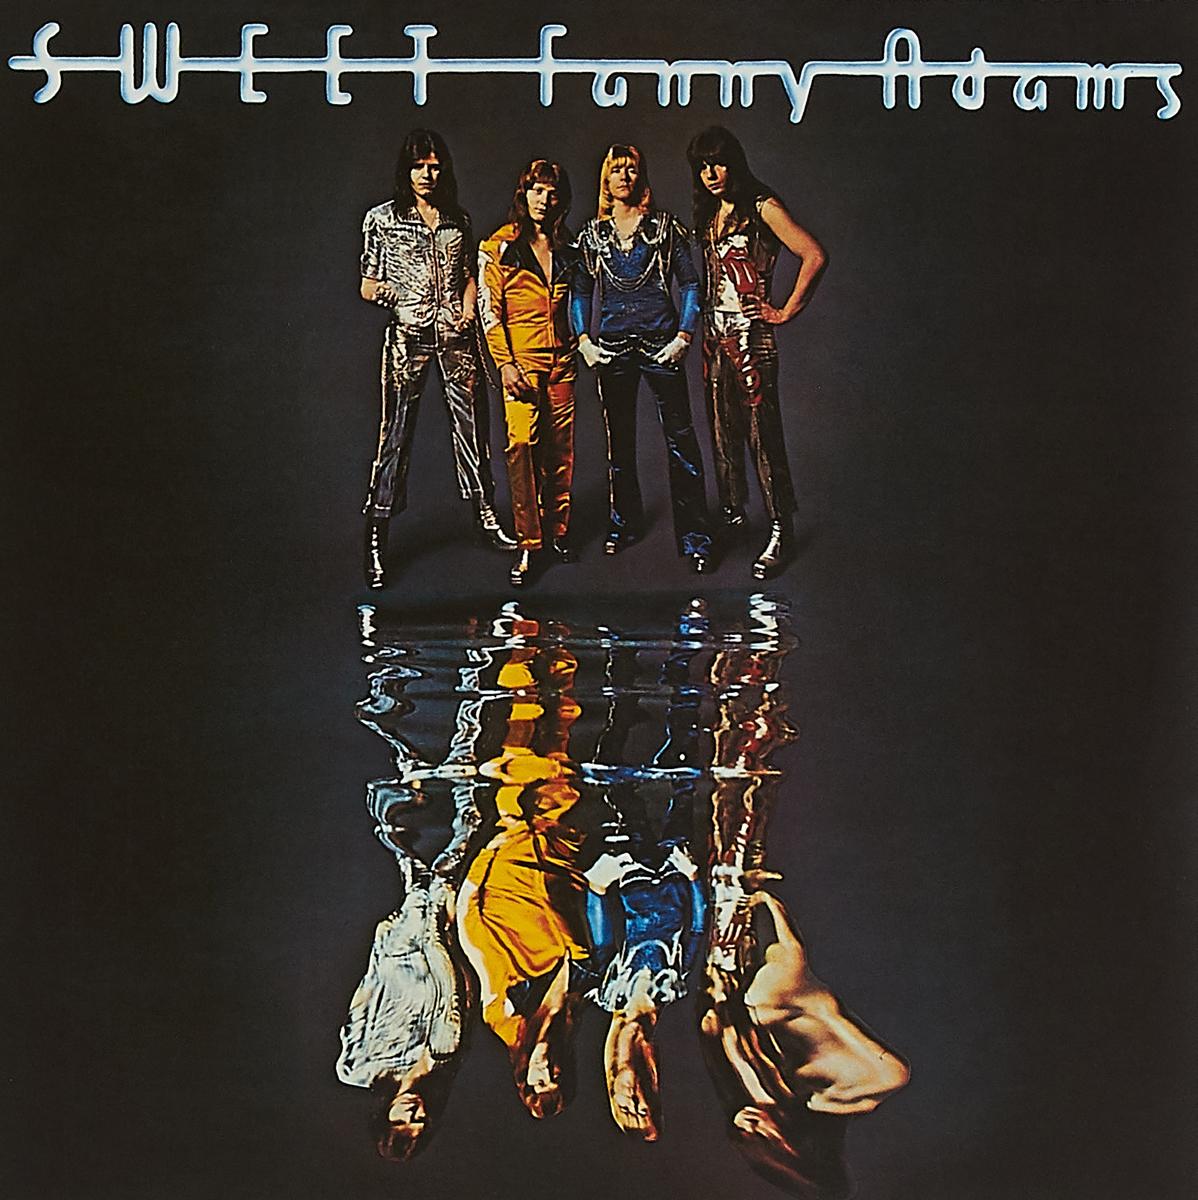 Sweet Sweet. Sweet Fanny Adams (New Vinyl Edition) (LP) sweet sweet give us a wink new vinyl edition lp